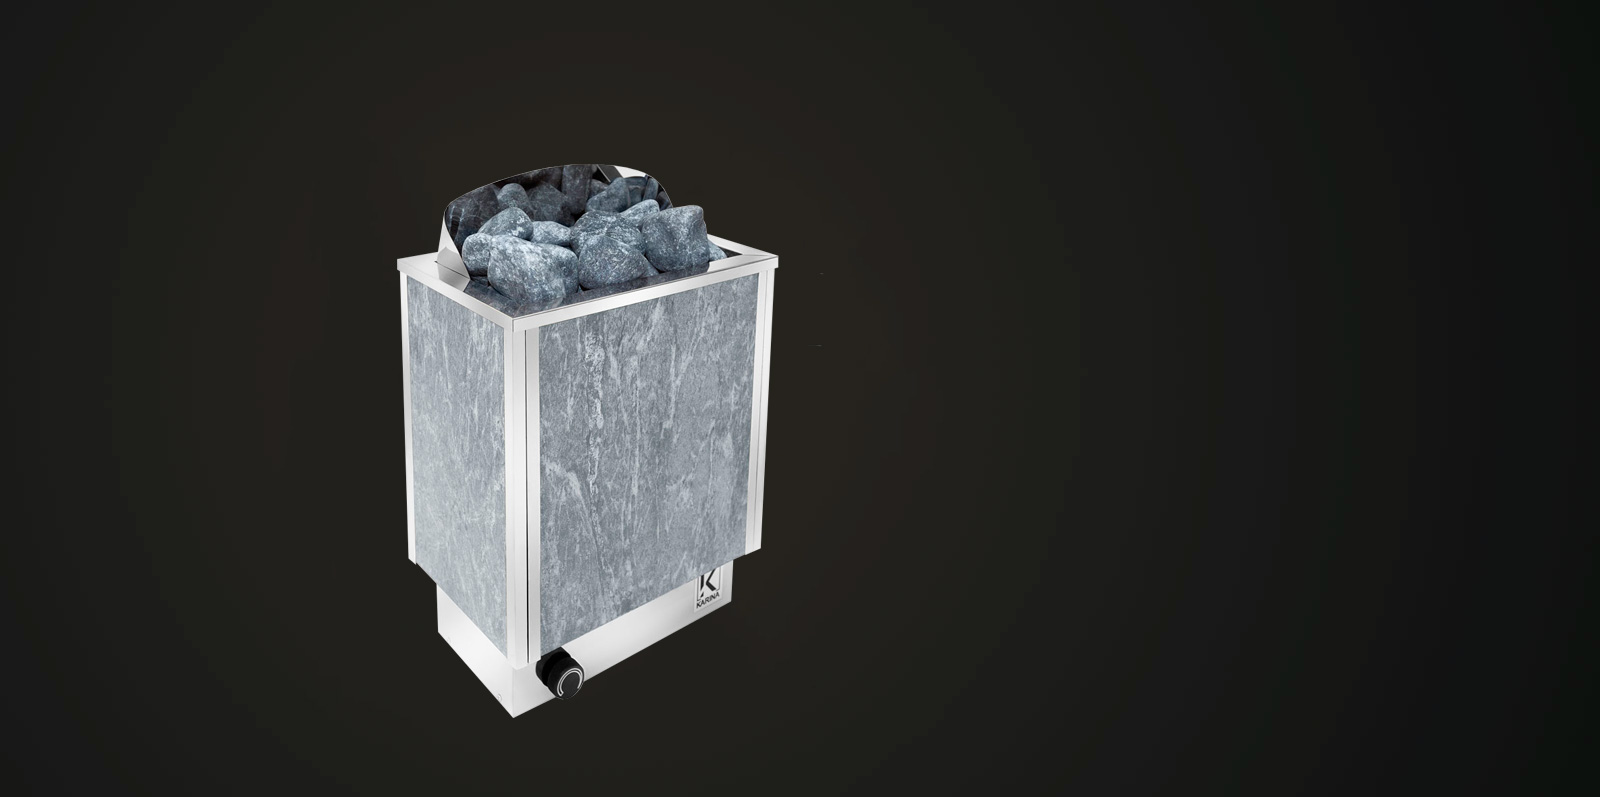 Электрическая печь KARINA Trend 6 Талькохлорит